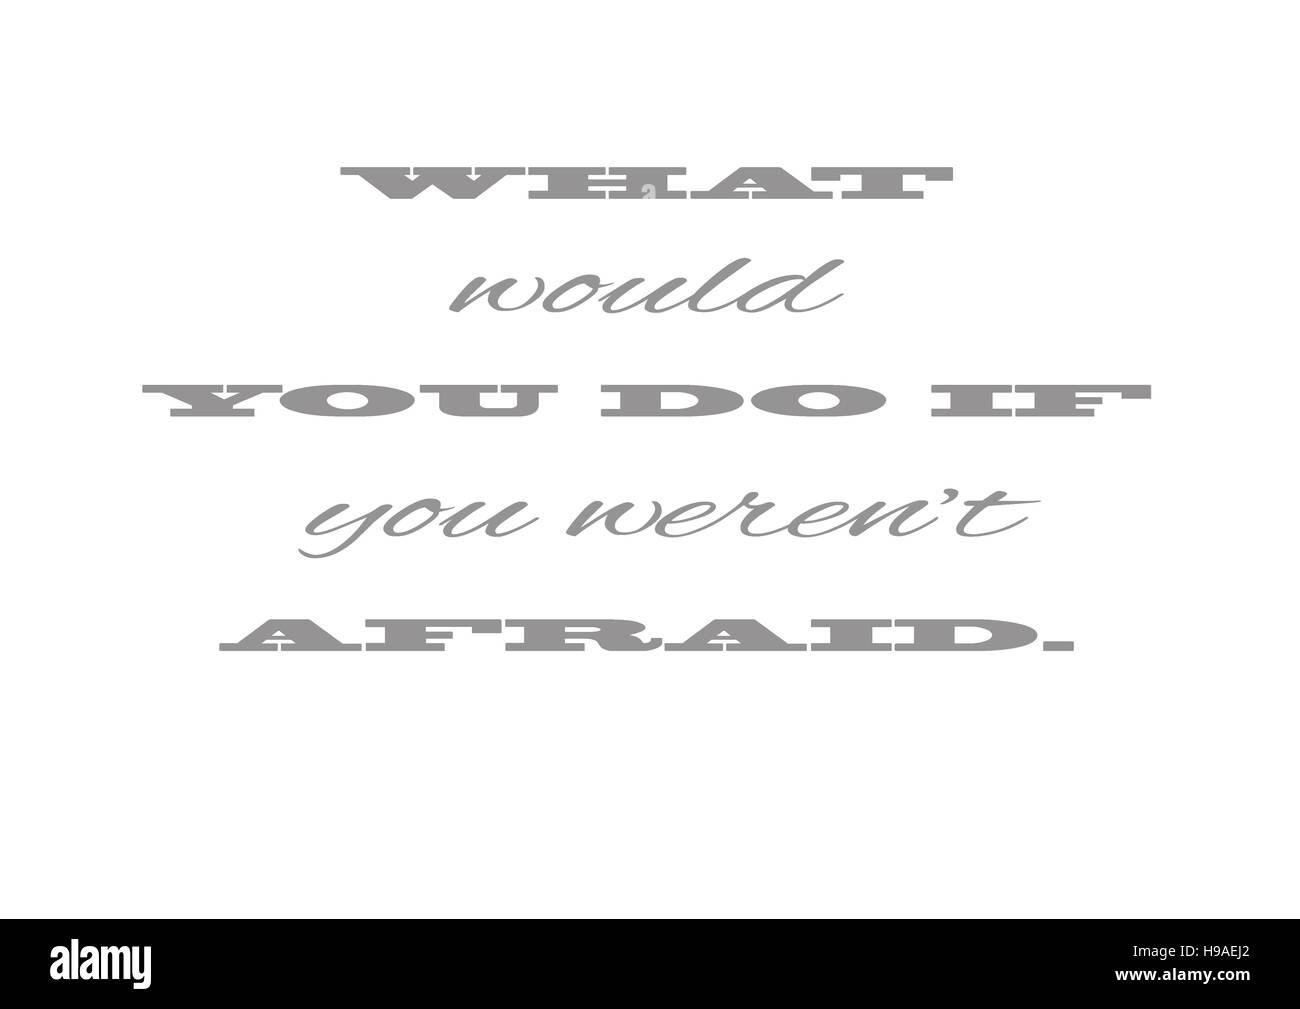 """"""" Che cosa fareste voi se non avevano paura."""" Motivazione, veloce di Cotati, sfondi, texture, sfondo bianco Immagini Stock"""